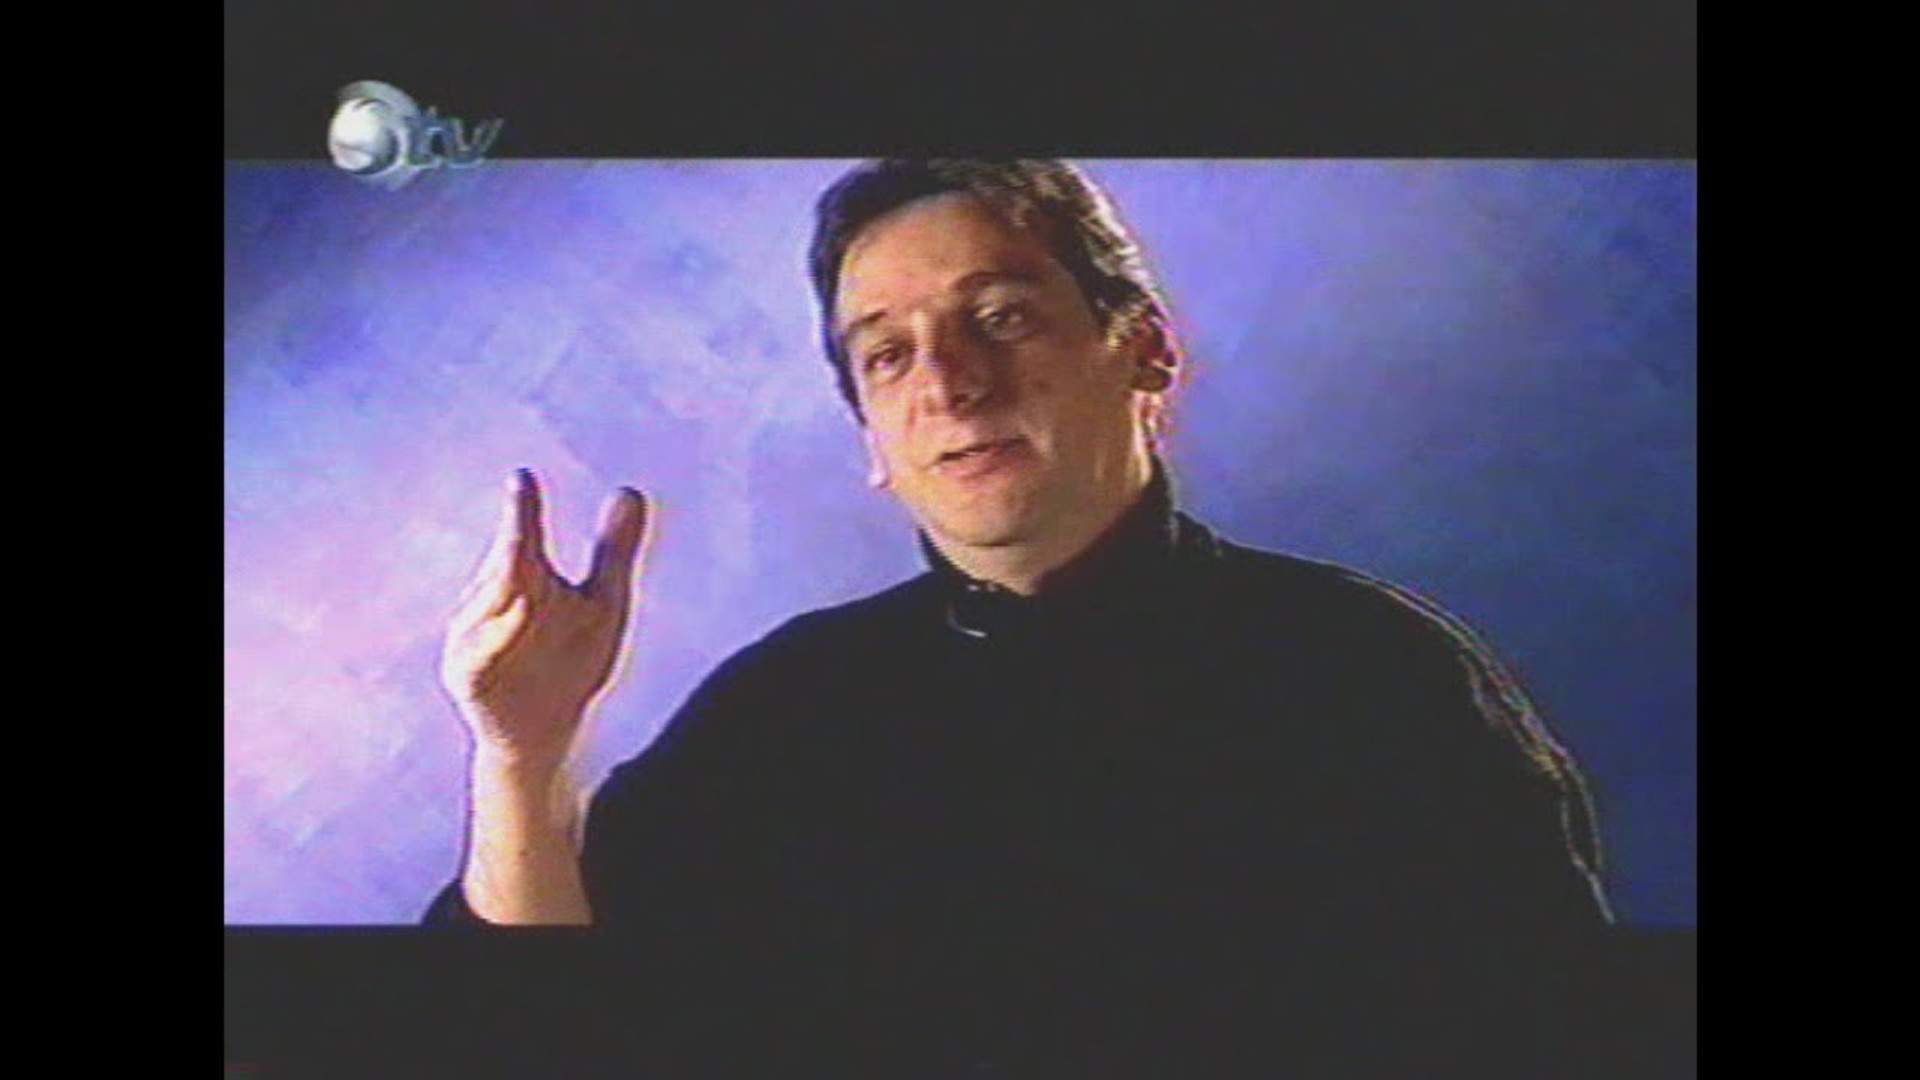 Entrevista TV Senac